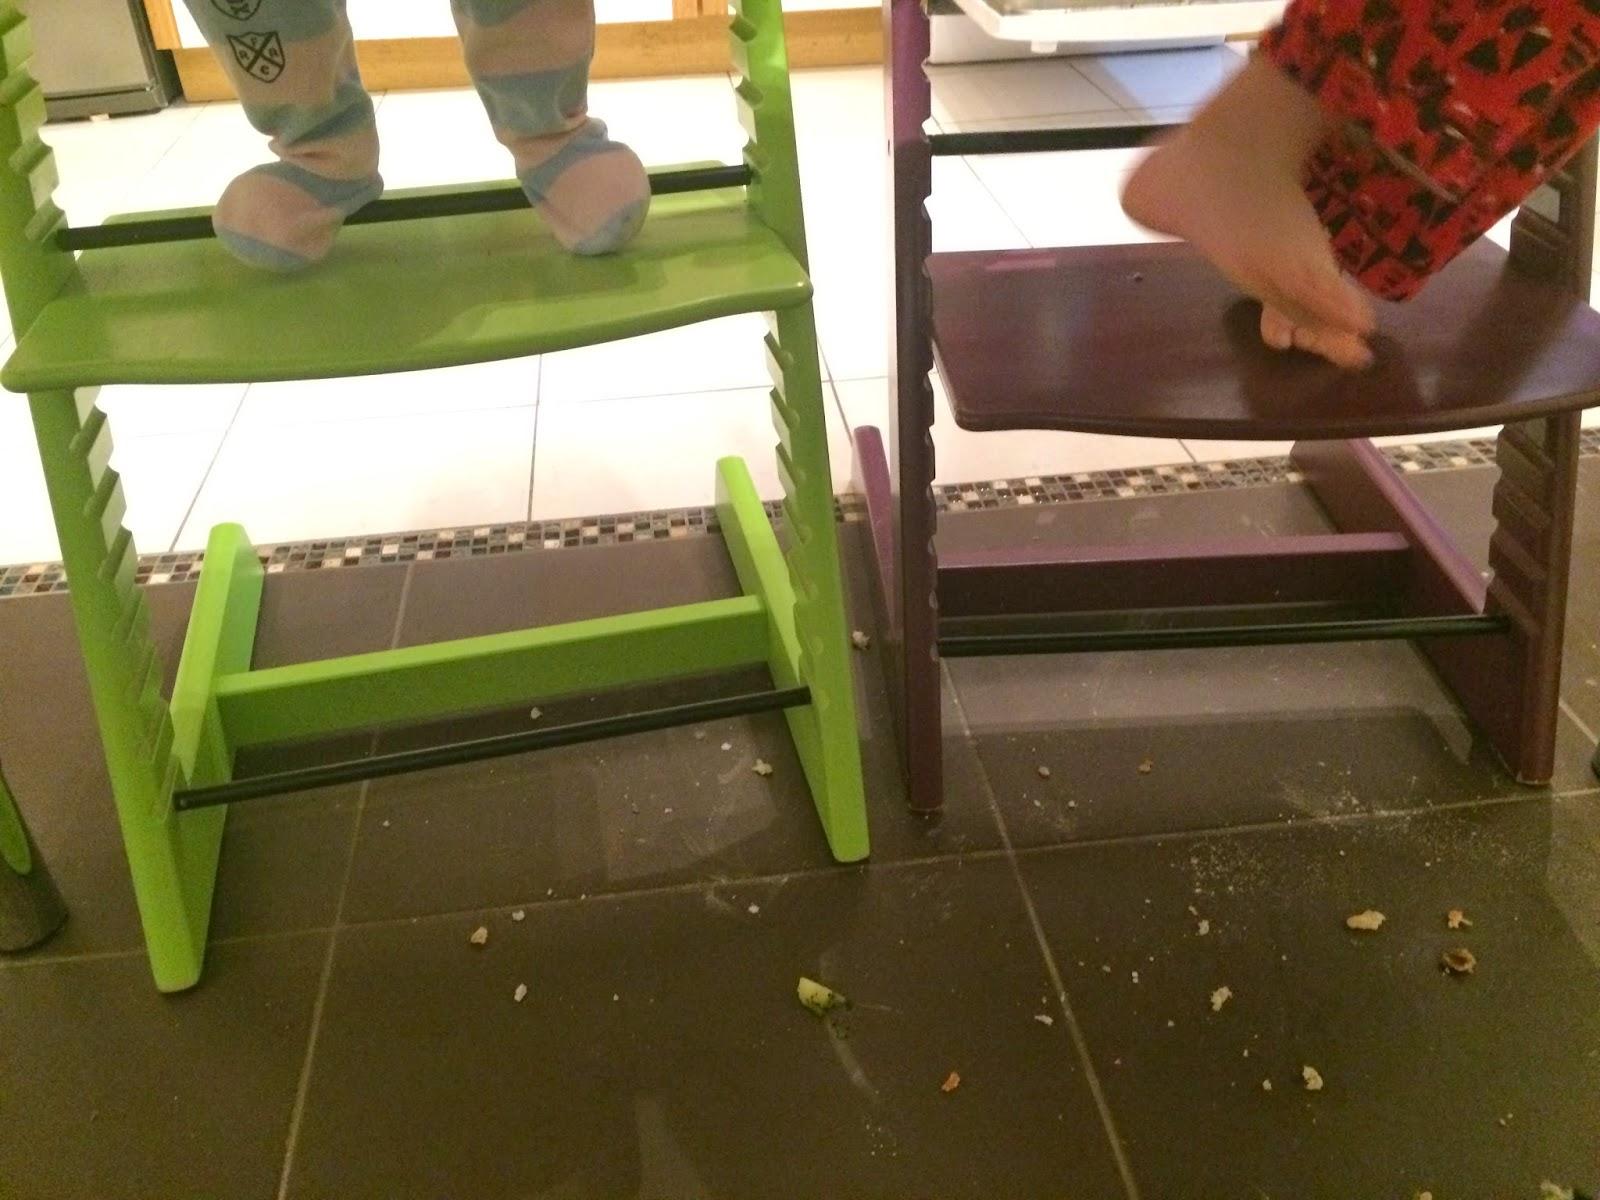 miettes sur le sol